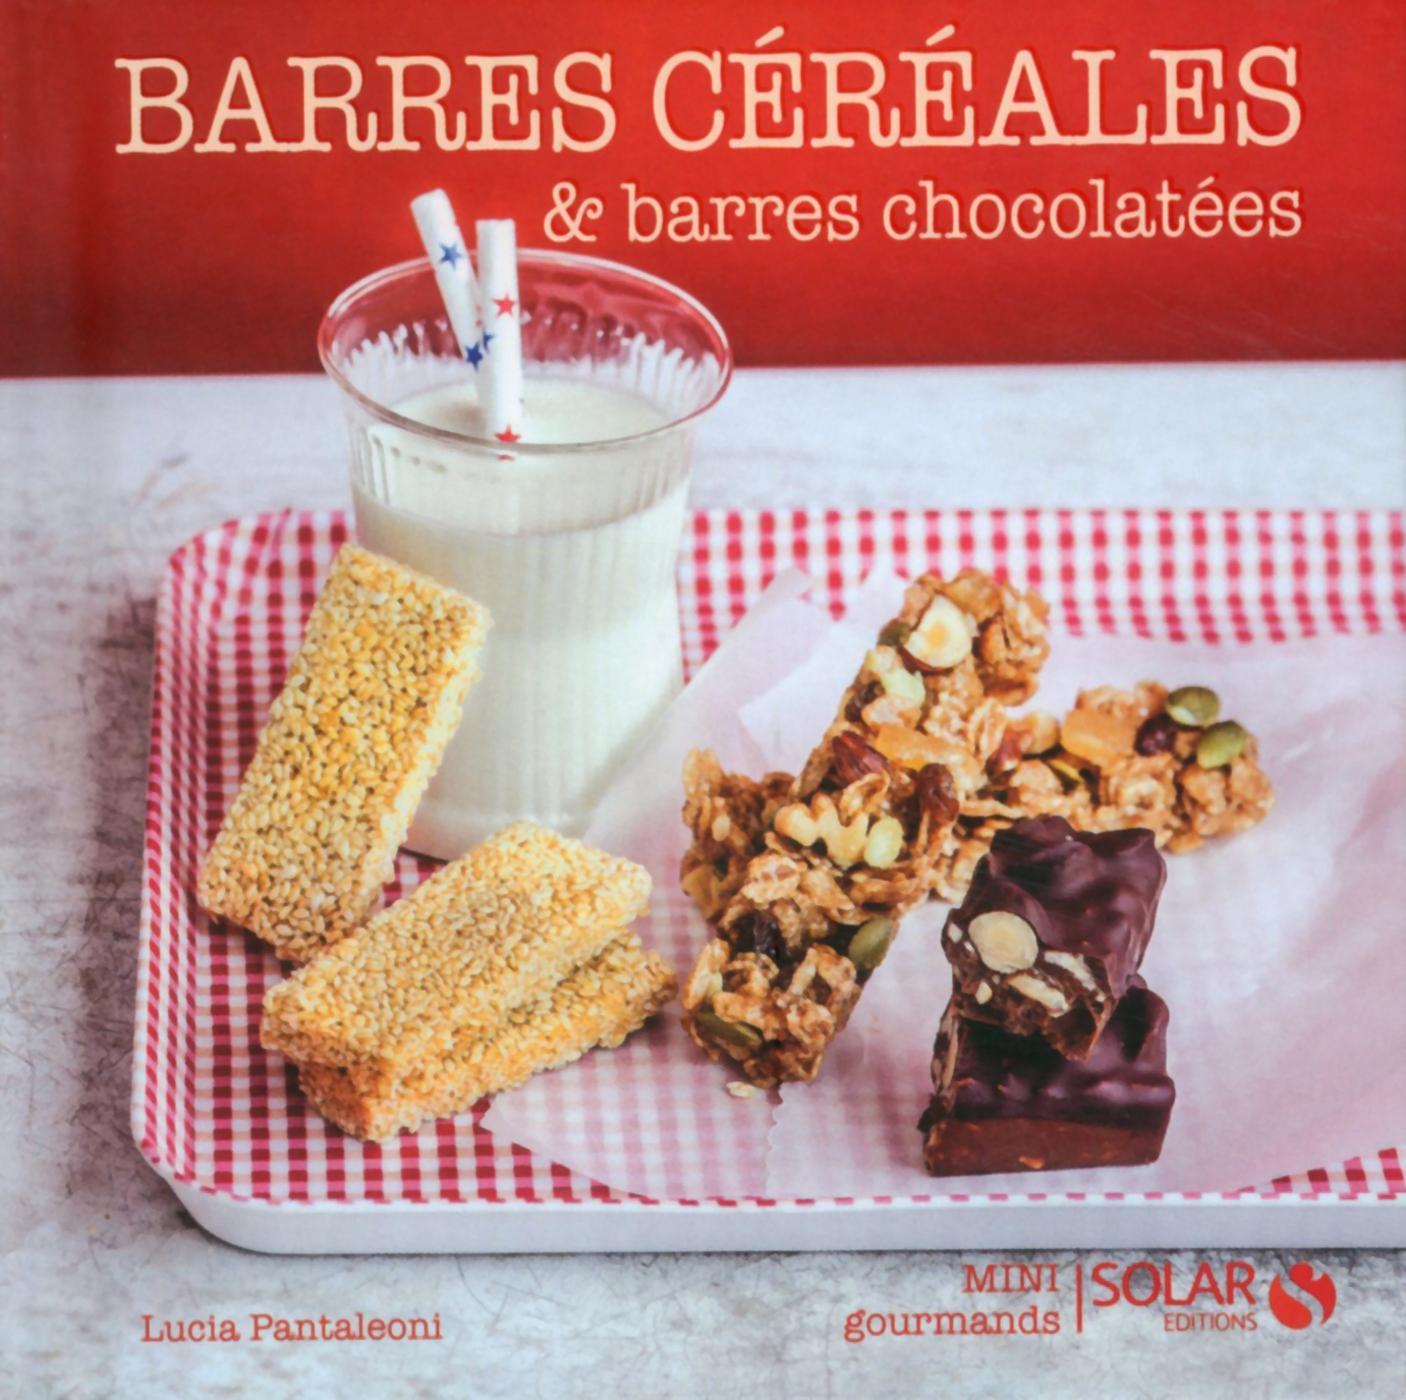 Barres aux céréales et barres chocolatées - Mini gourmands (ebook)